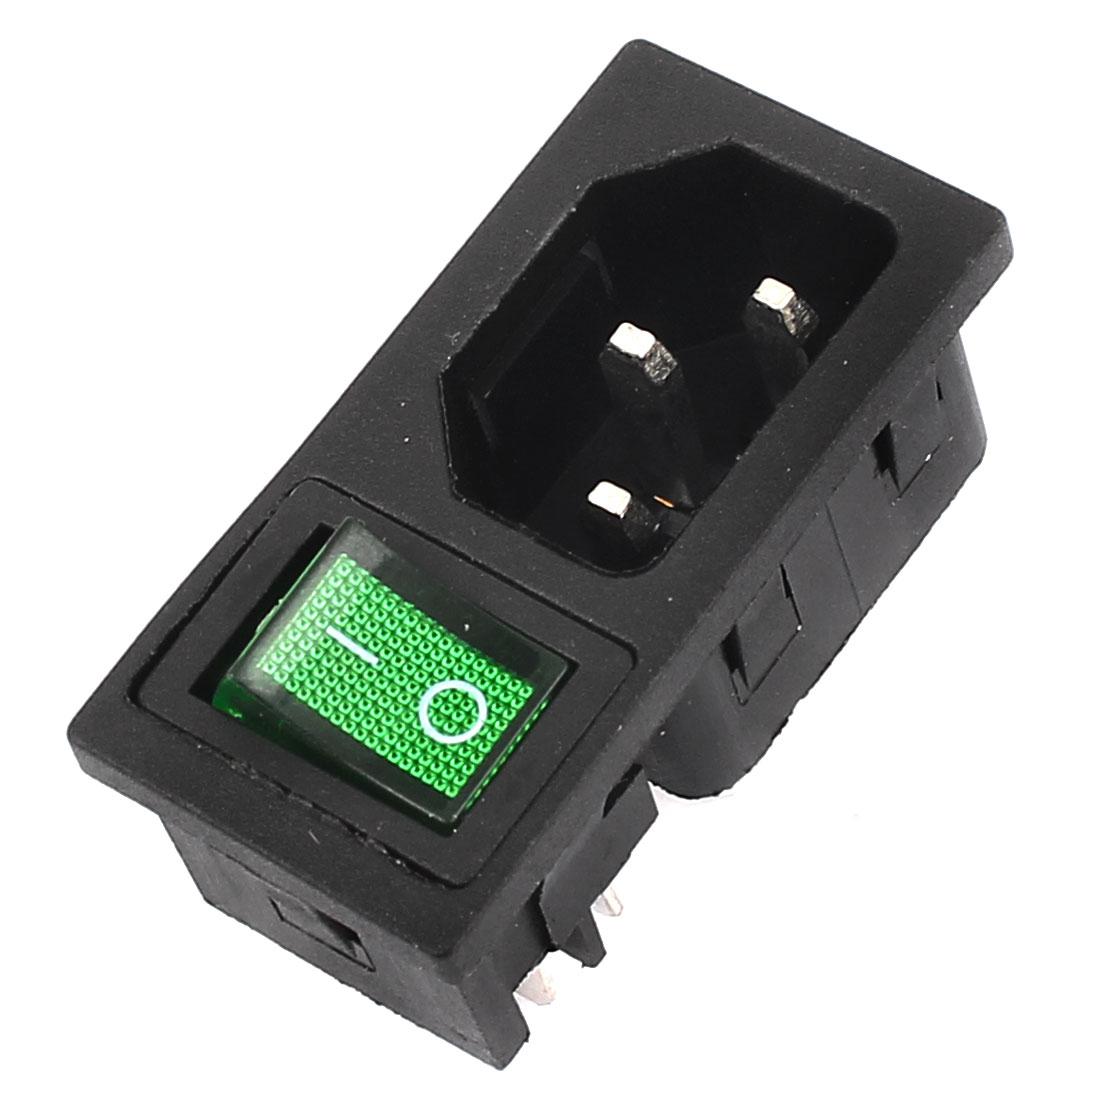 IEC320 C14 AC 250V 10A Green Light Rocker Switch Inlet Connector